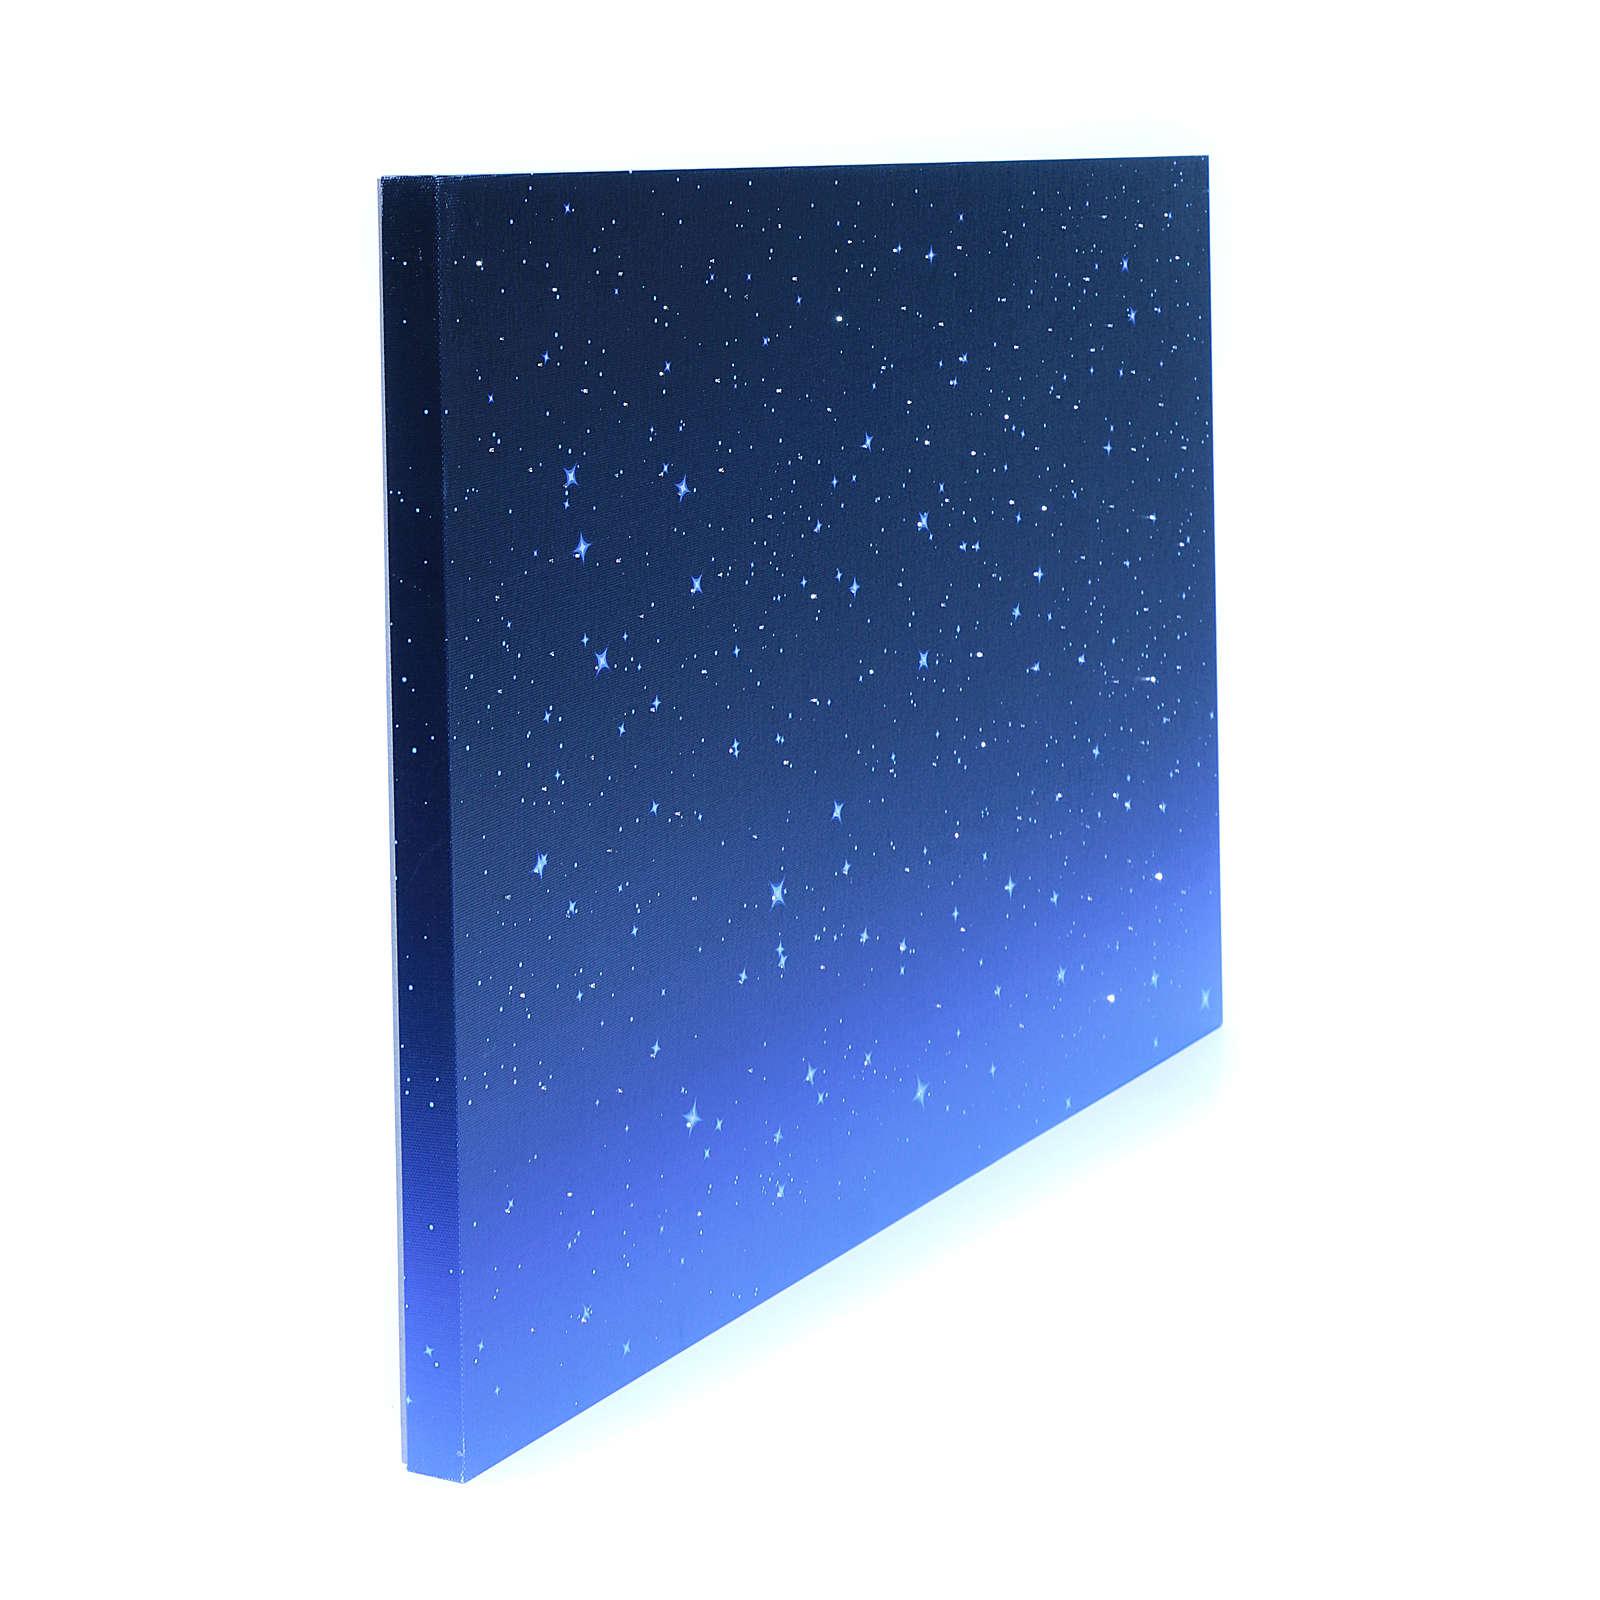 Cielo luminoso led e fibra ottica 40x60 cm 4